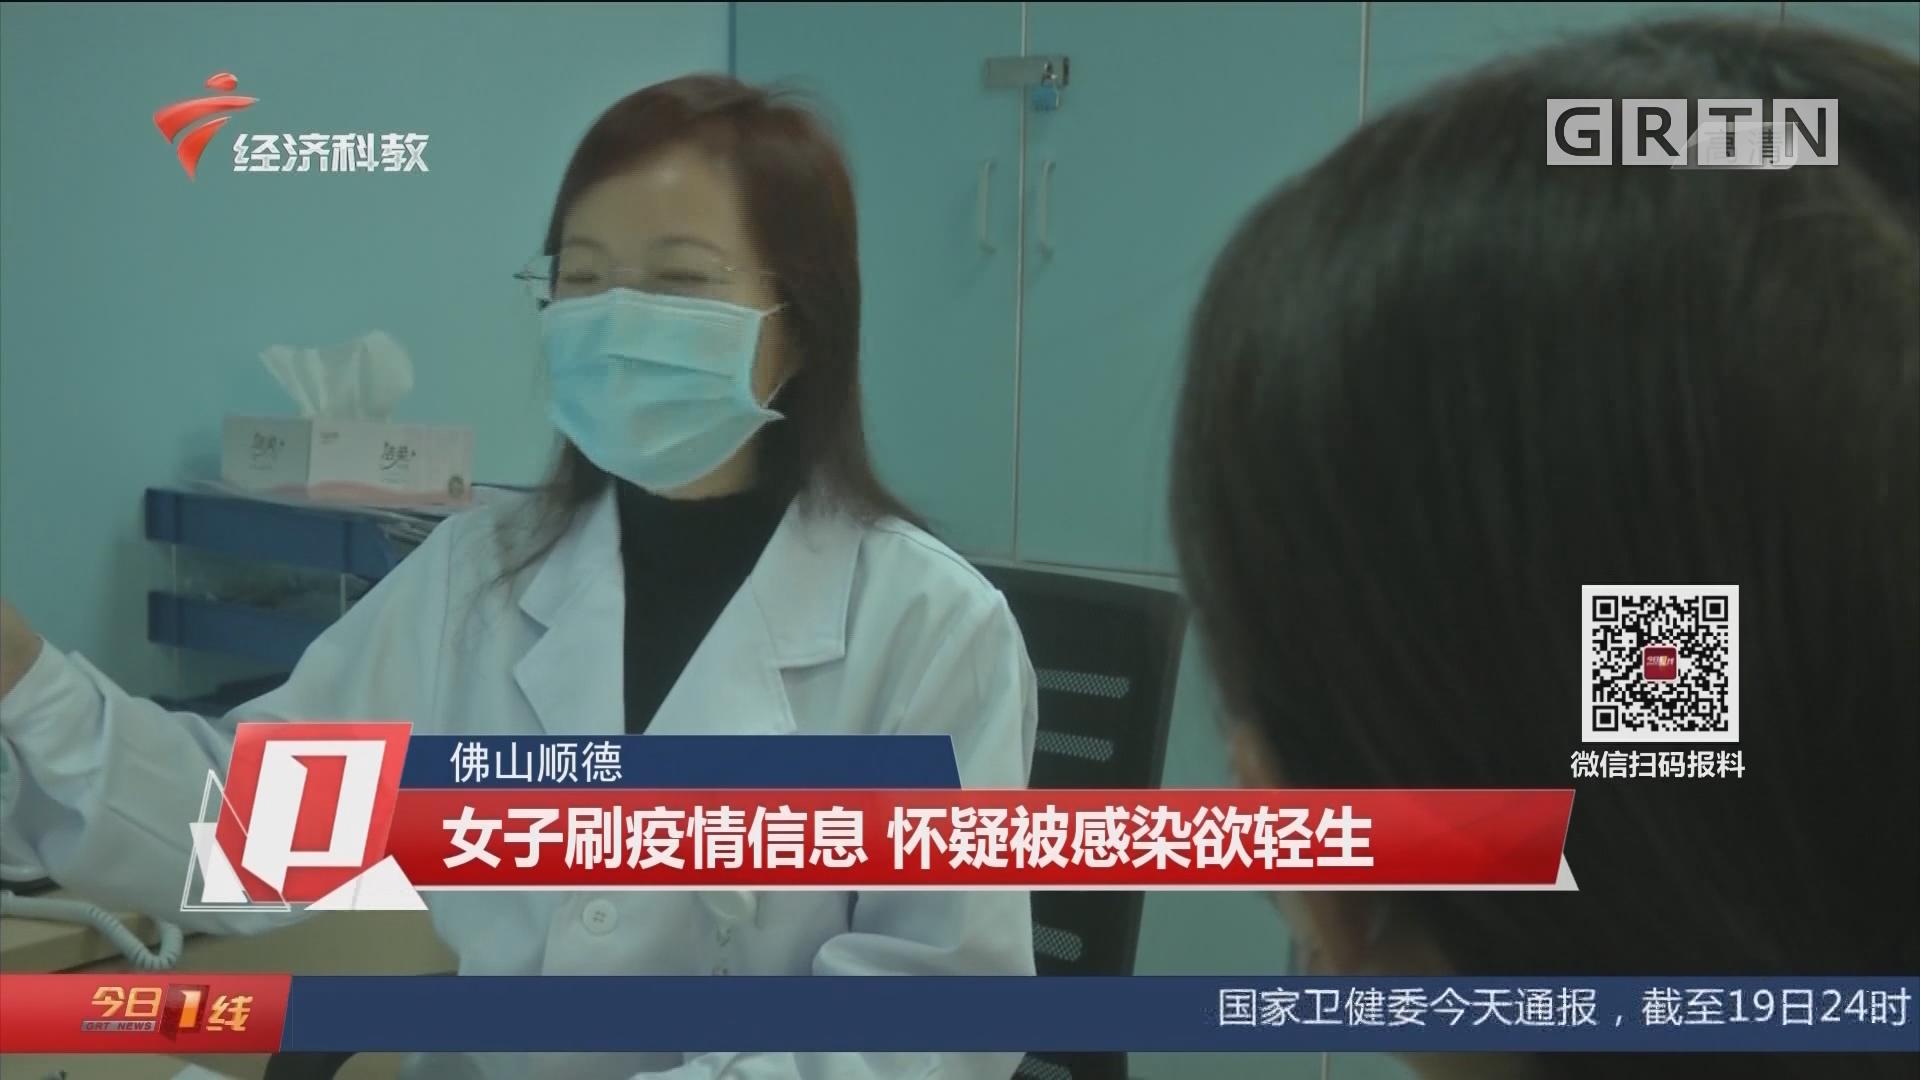 佛山顺德:女子刷疫情信息 怀疑被感染欲轻生